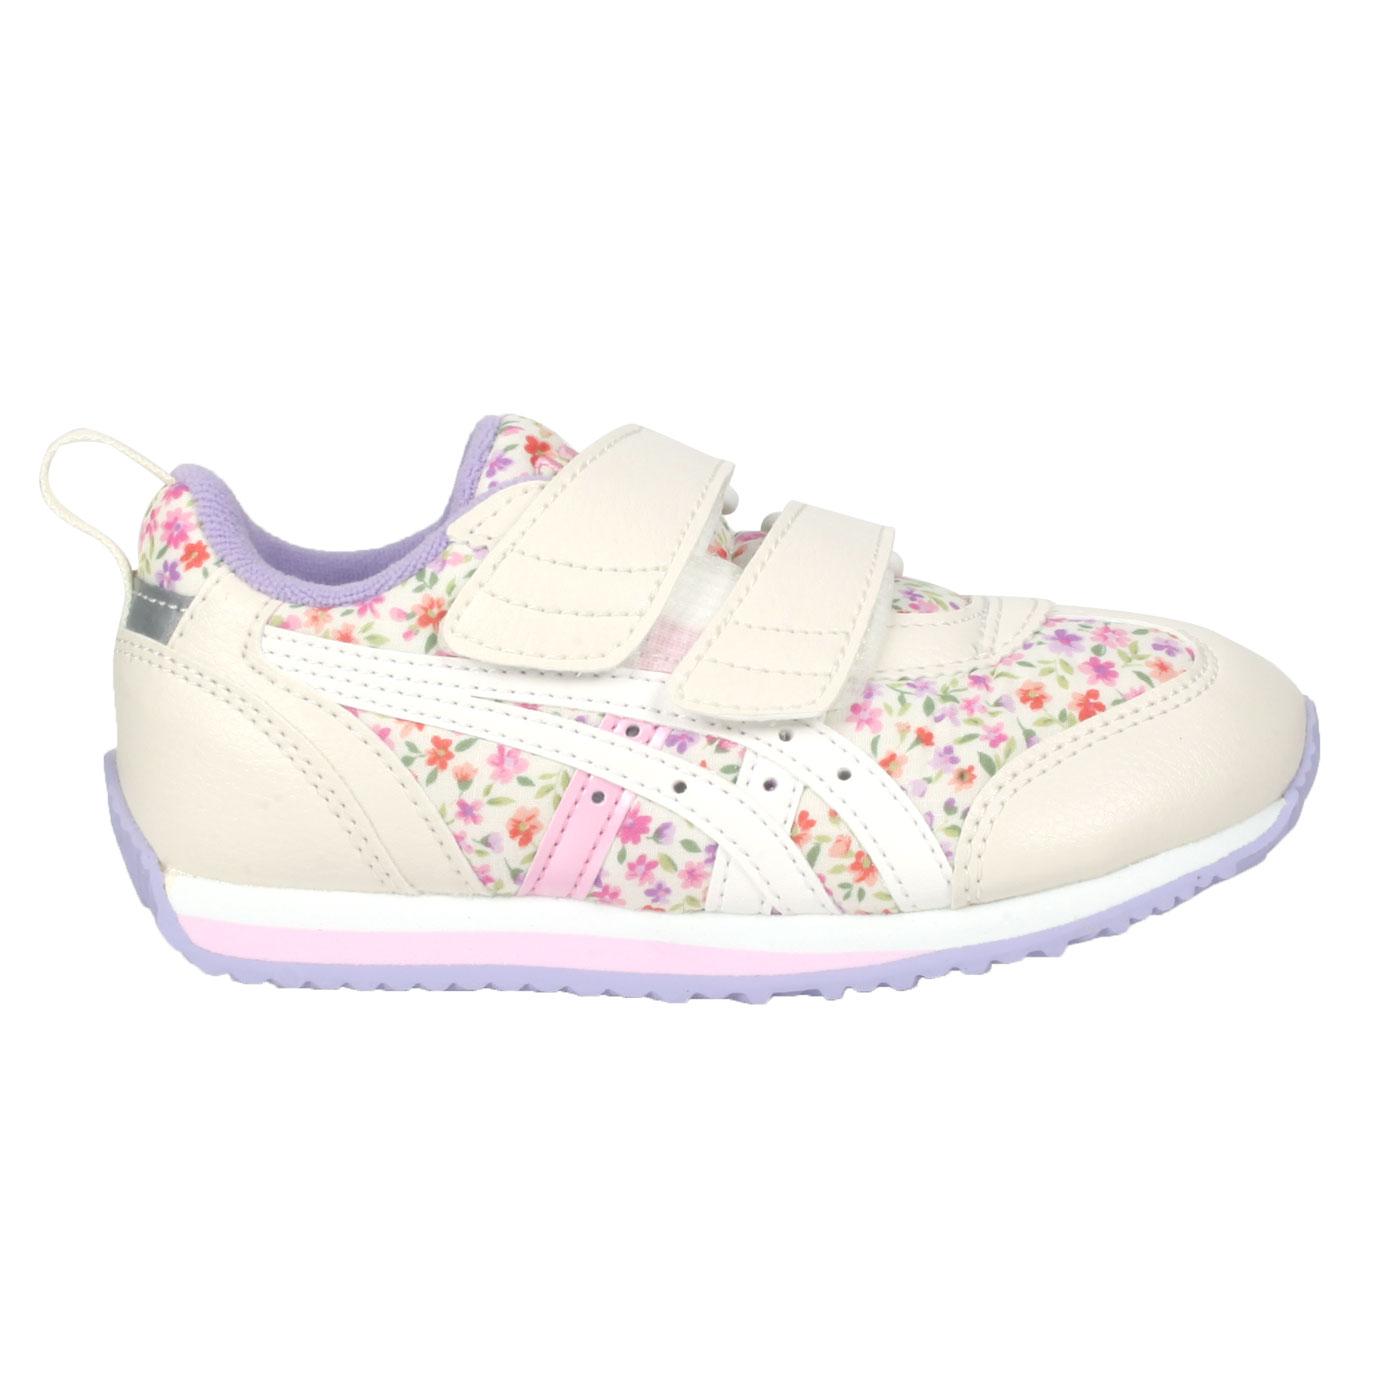 ASICS 中童休閒運動鞋  @IDAHO MINI CT 3@TUM187-500